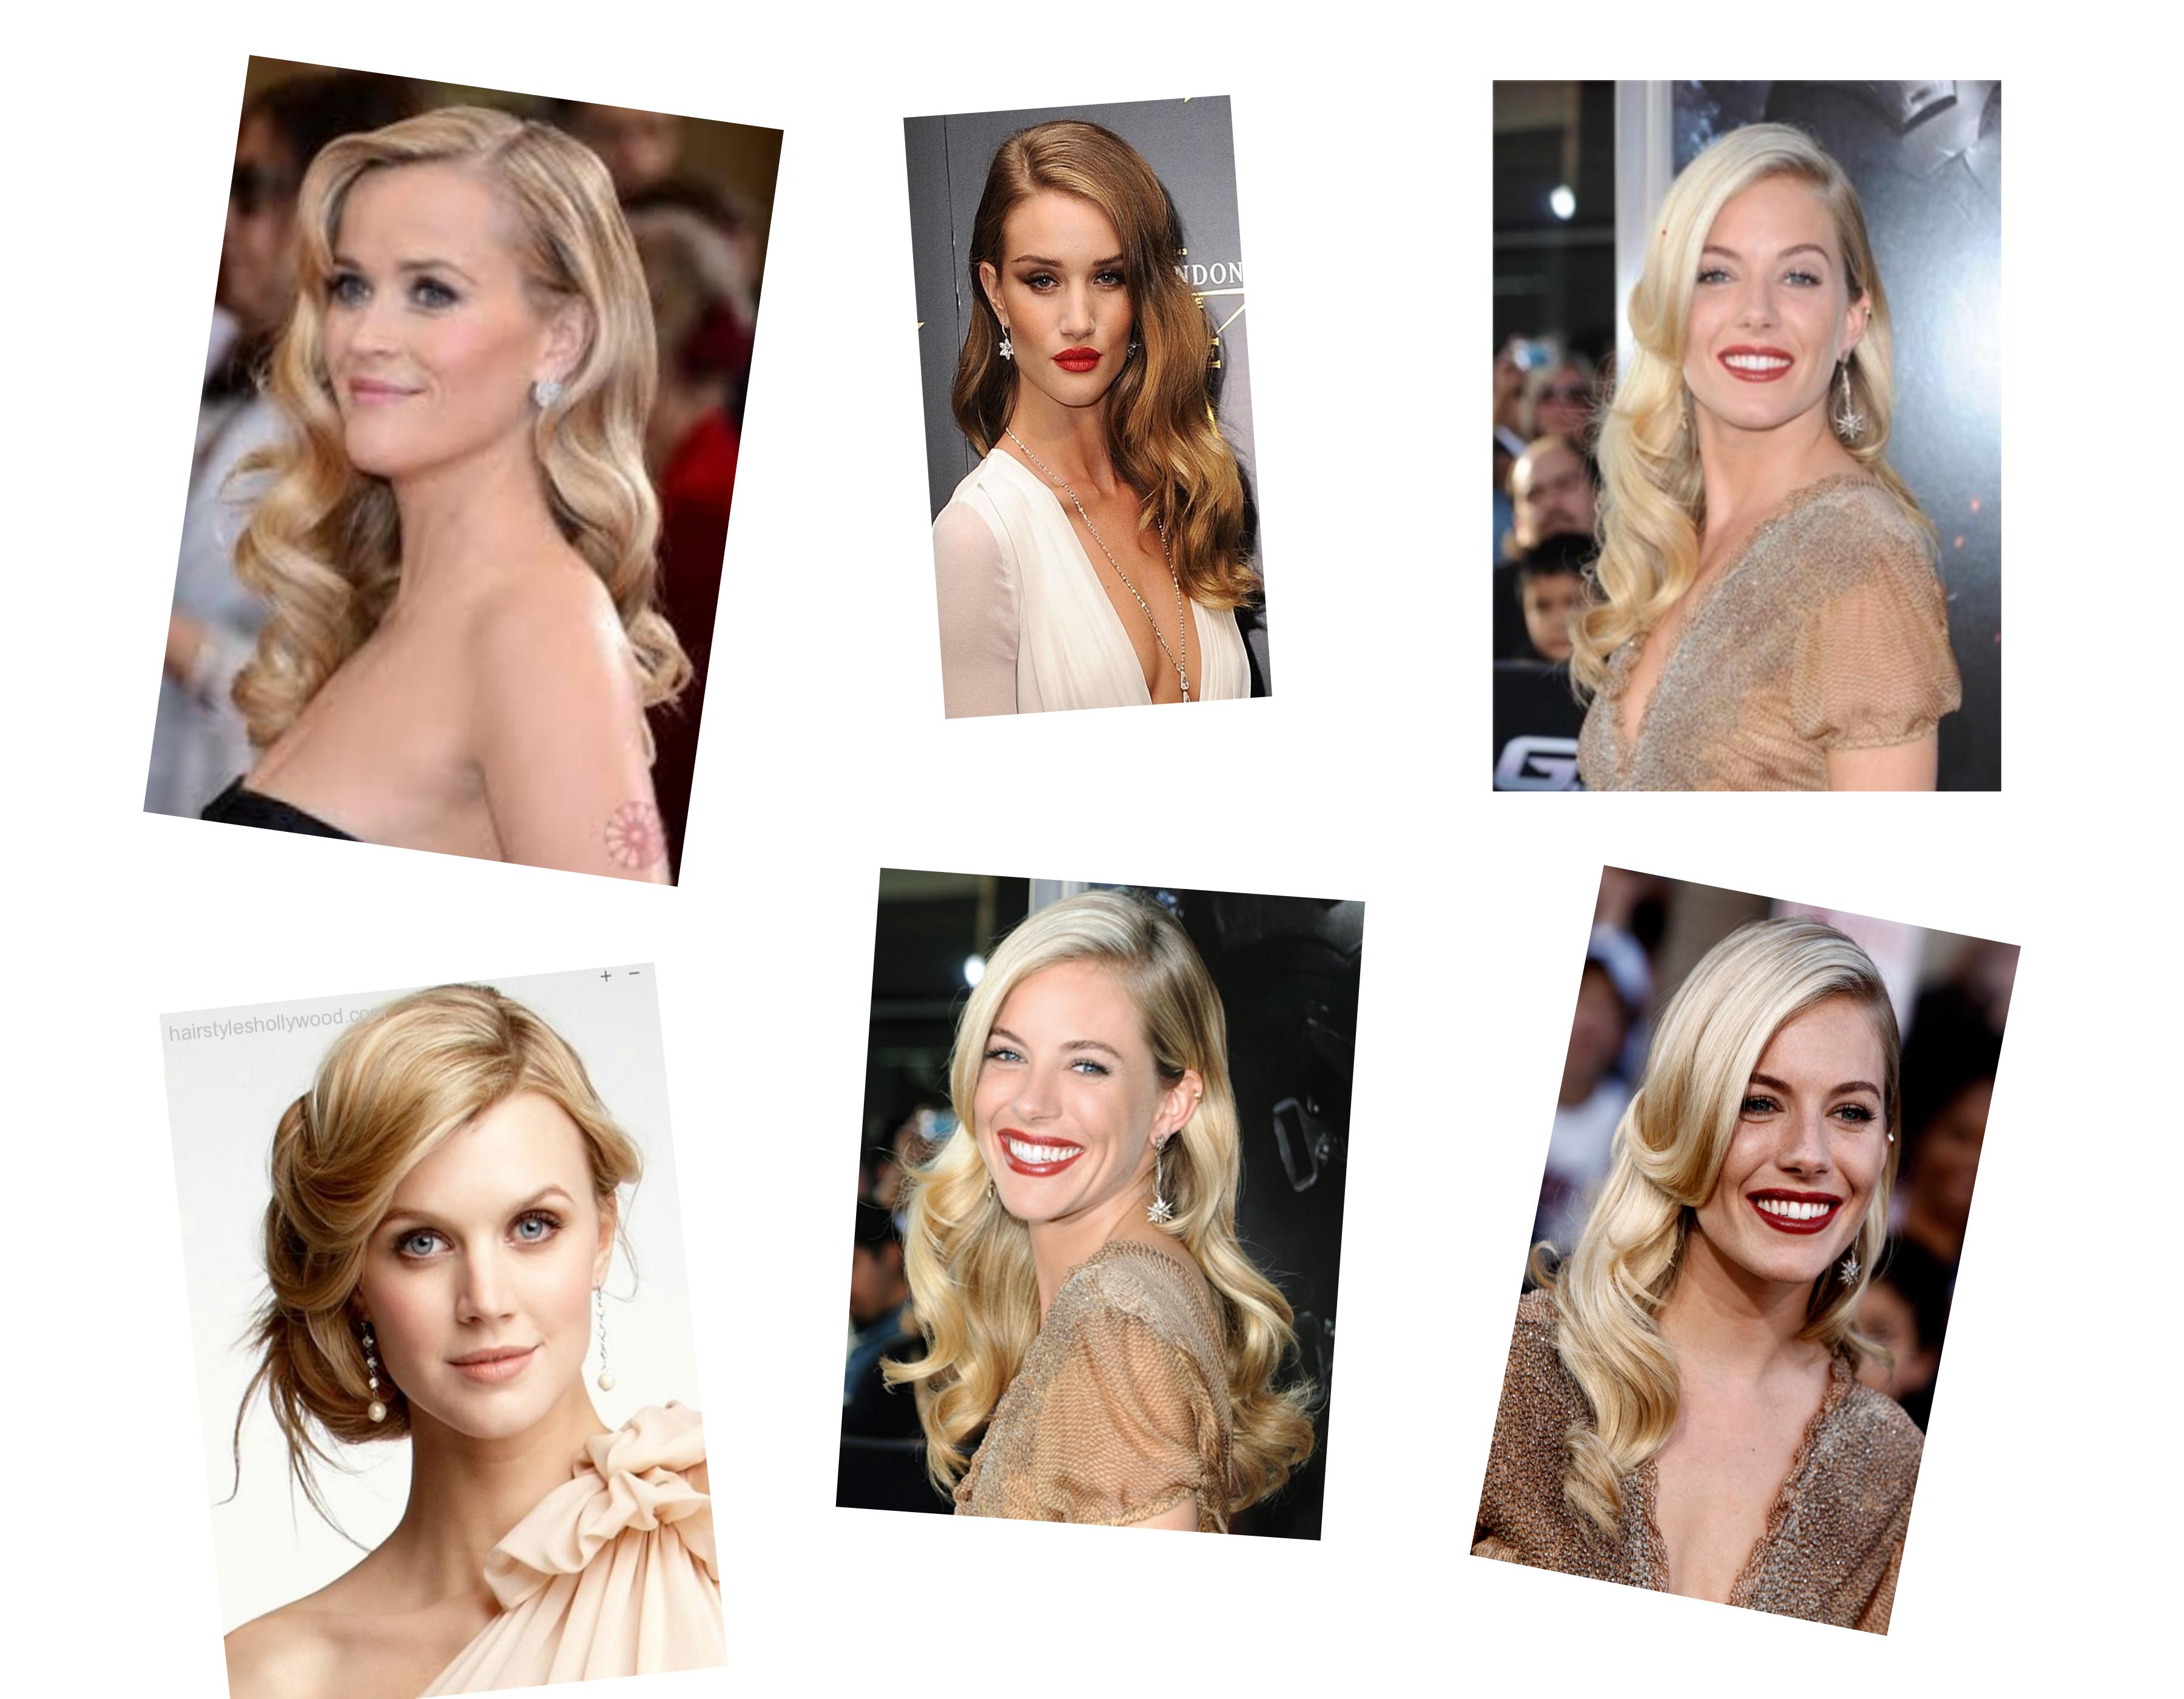 Älskar hollywood curls men vet inte riktigt om jag är sugen på lockar eller  om jag ska ha det uppsatt a3a30ee7b7c69